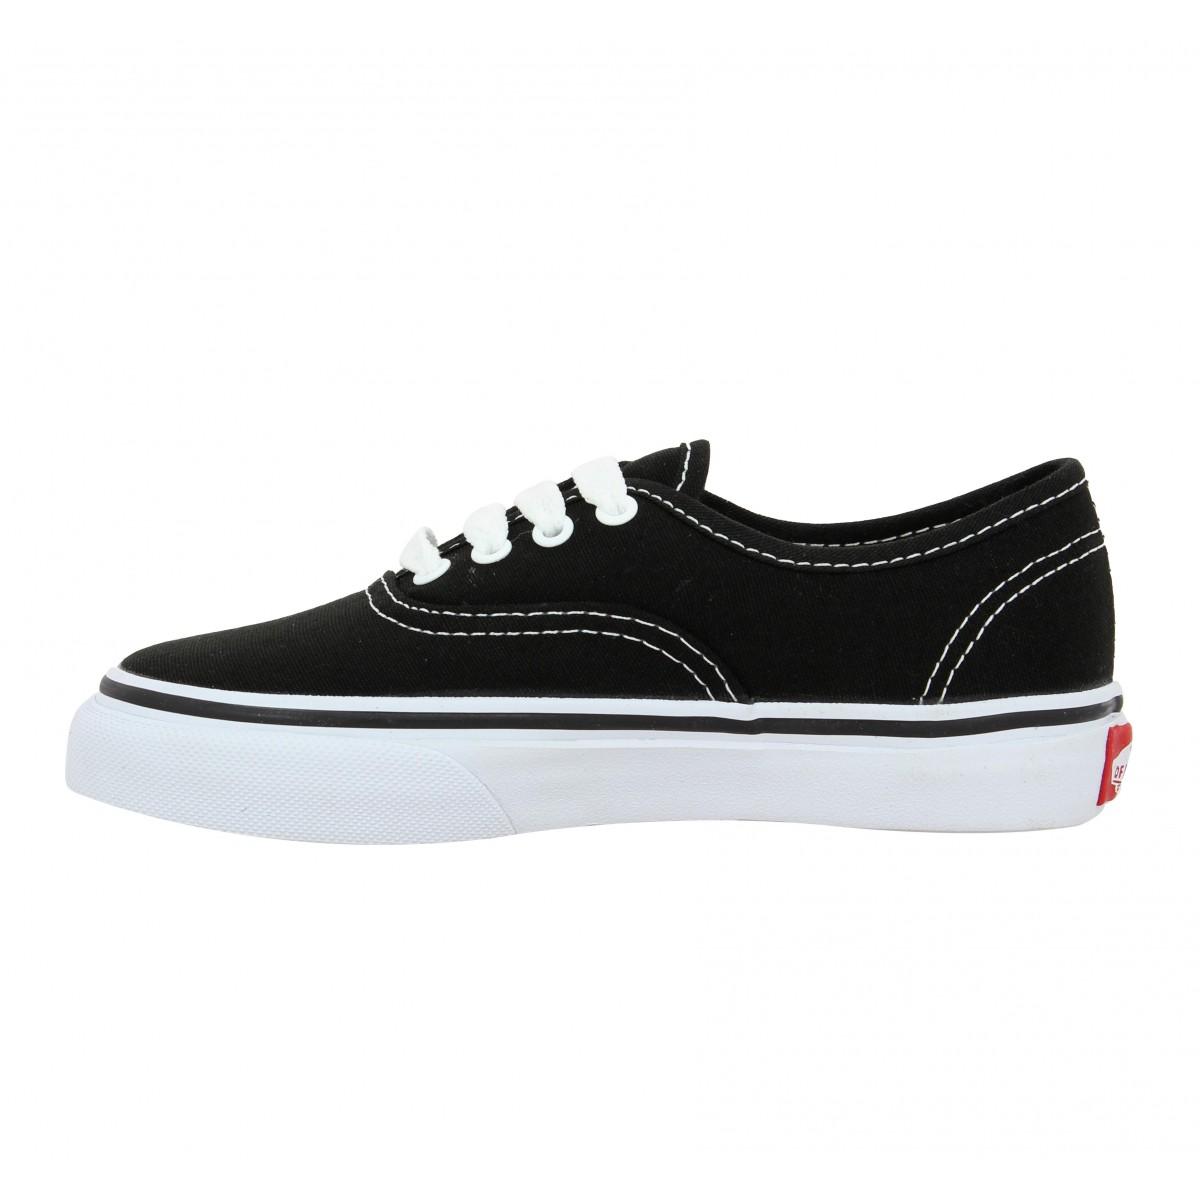 Chaussures Vans authentic toile enfant noir   Fanny chaussures